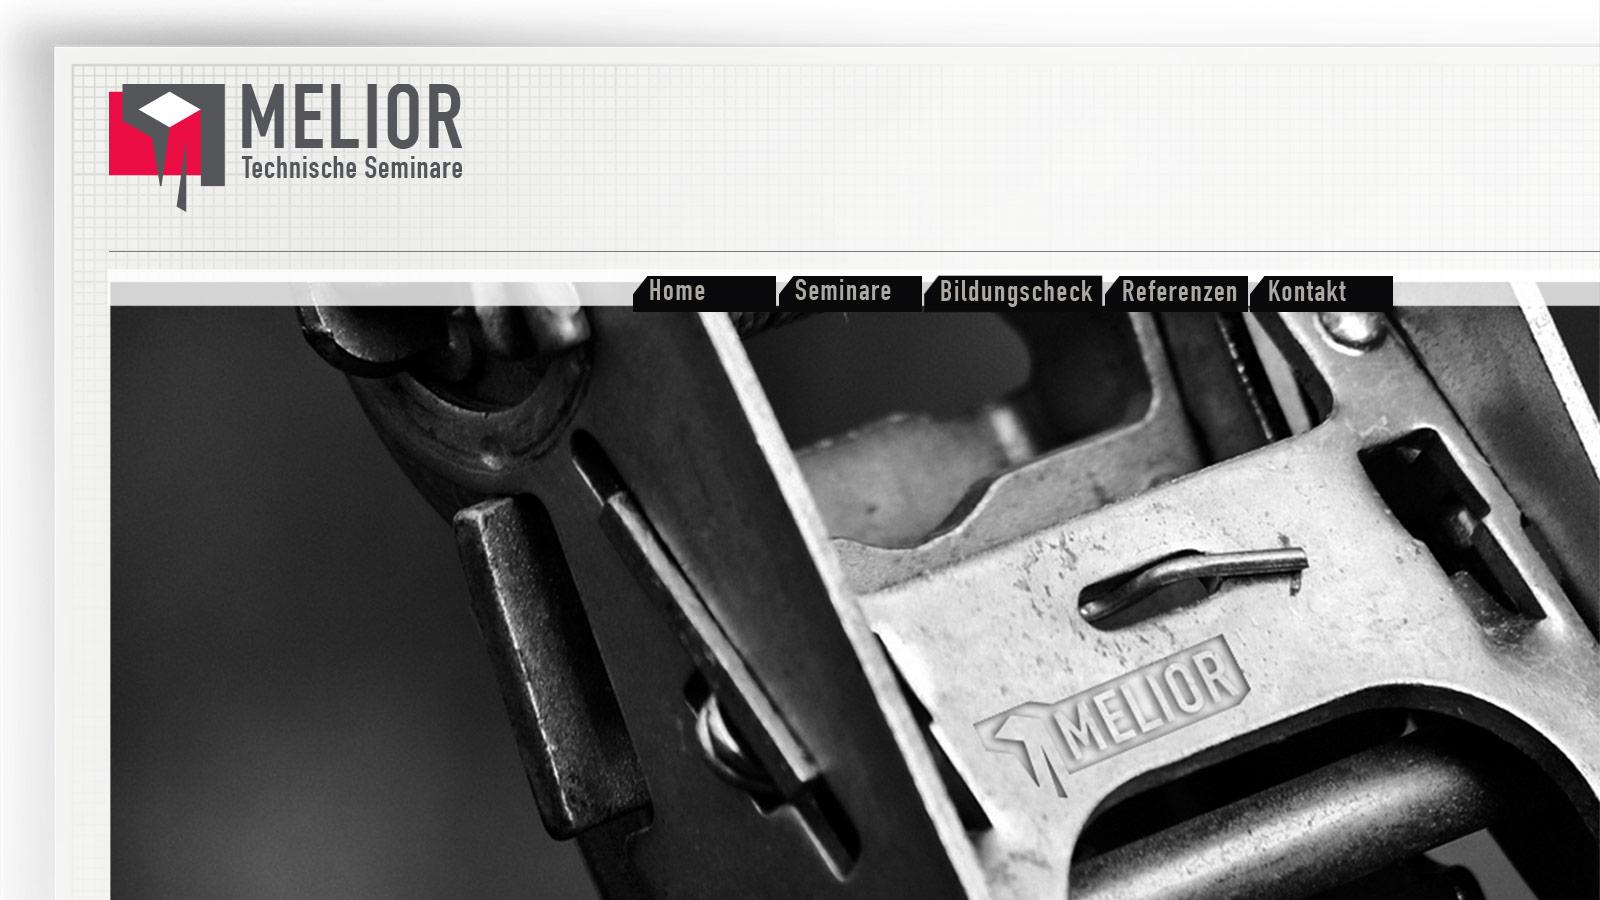 Melior | Technische Seminare